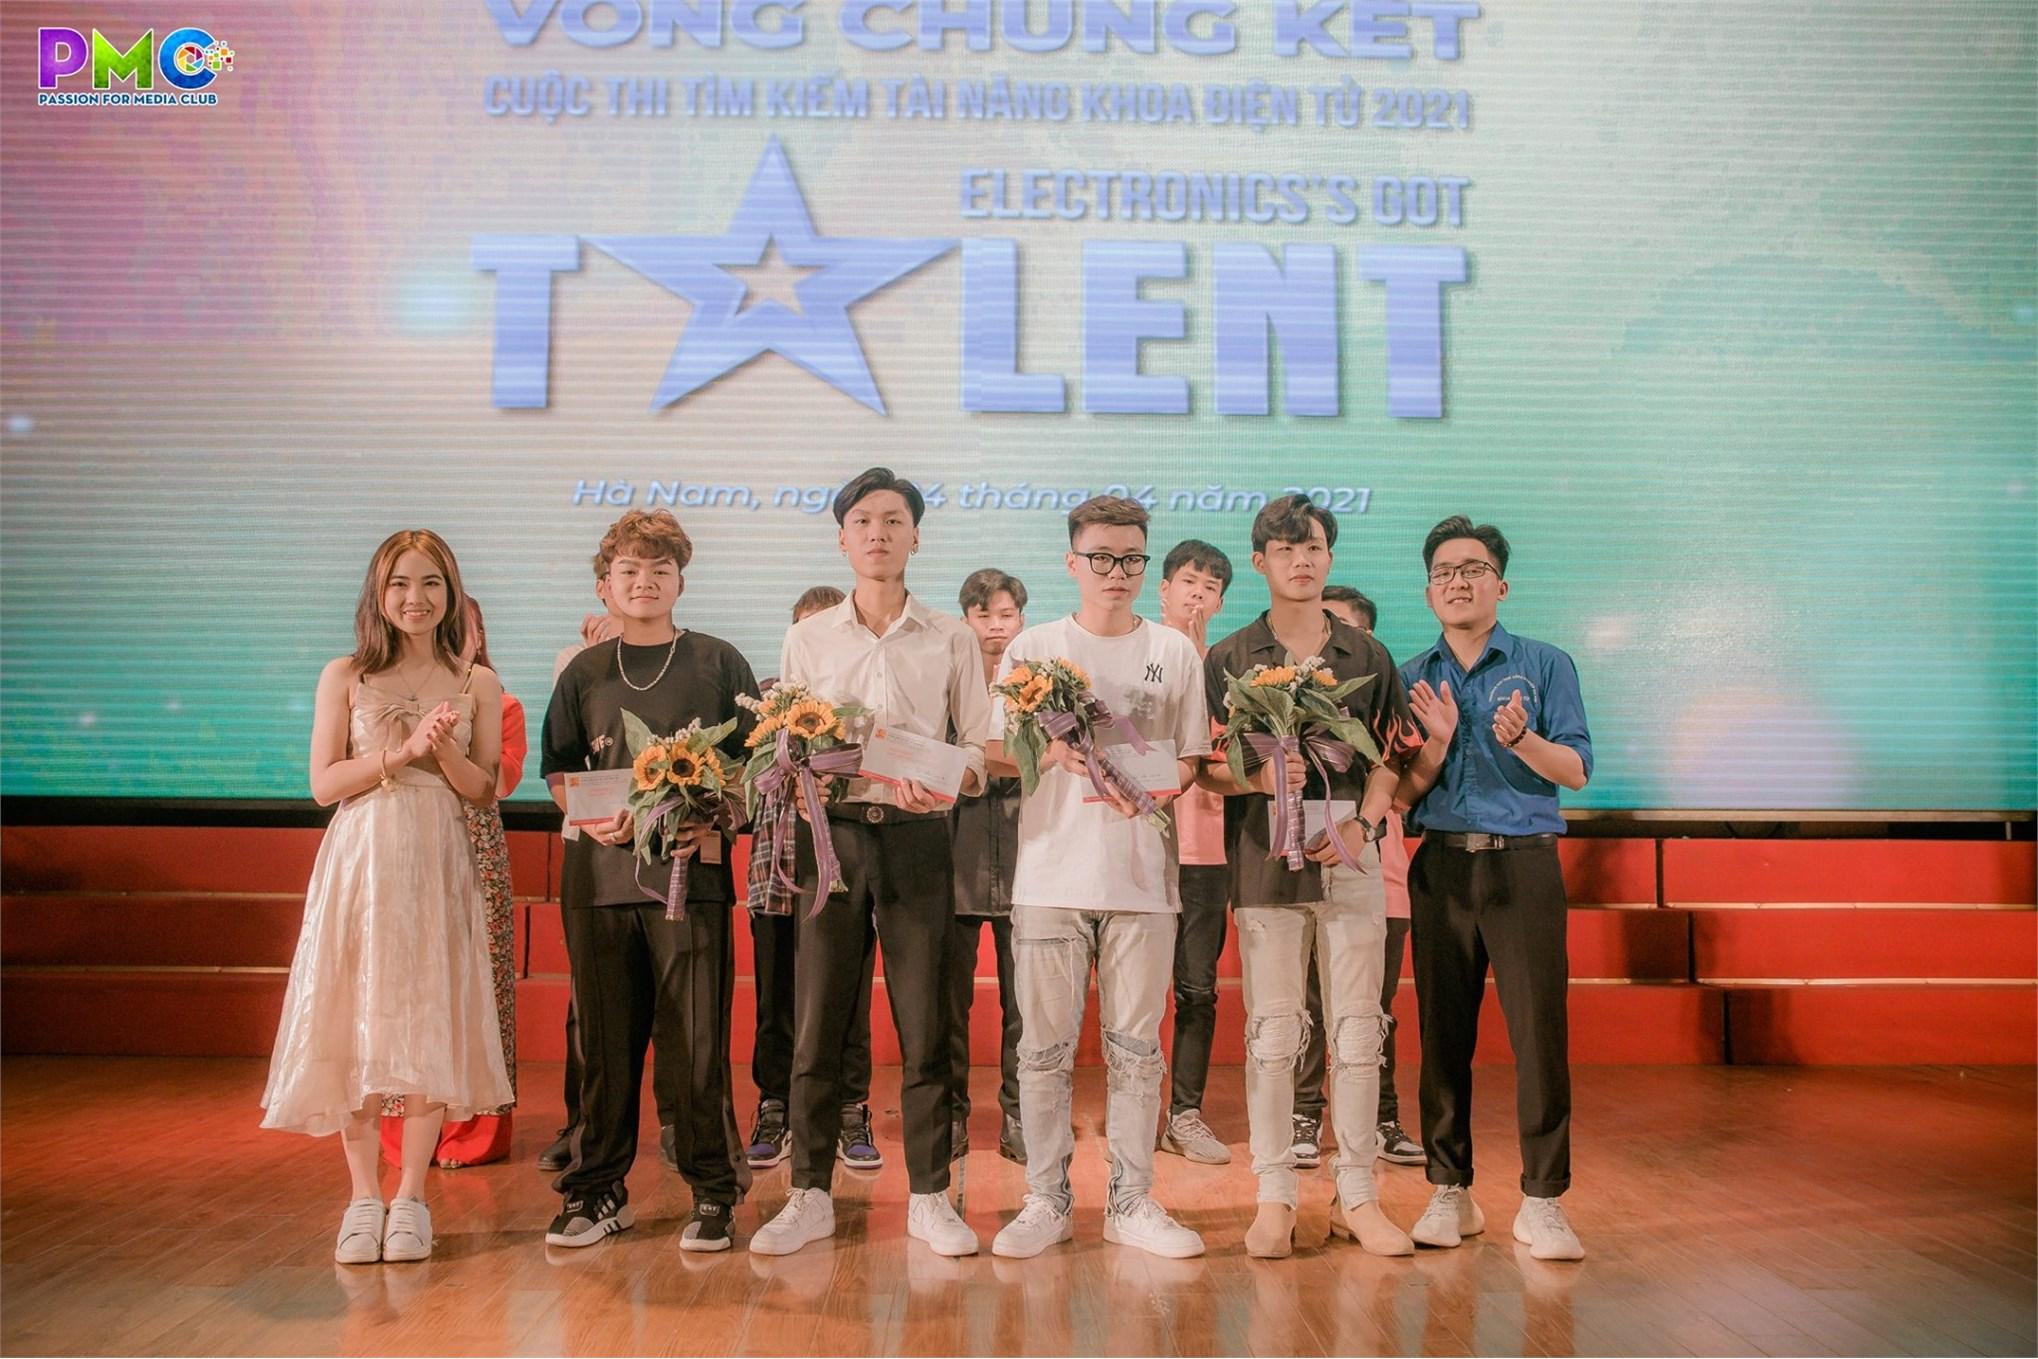 Vòng chung kết cuộc thi `Tìm kiếm tài năng khoa Điện tử 2021 - Electronic's Got Talent`